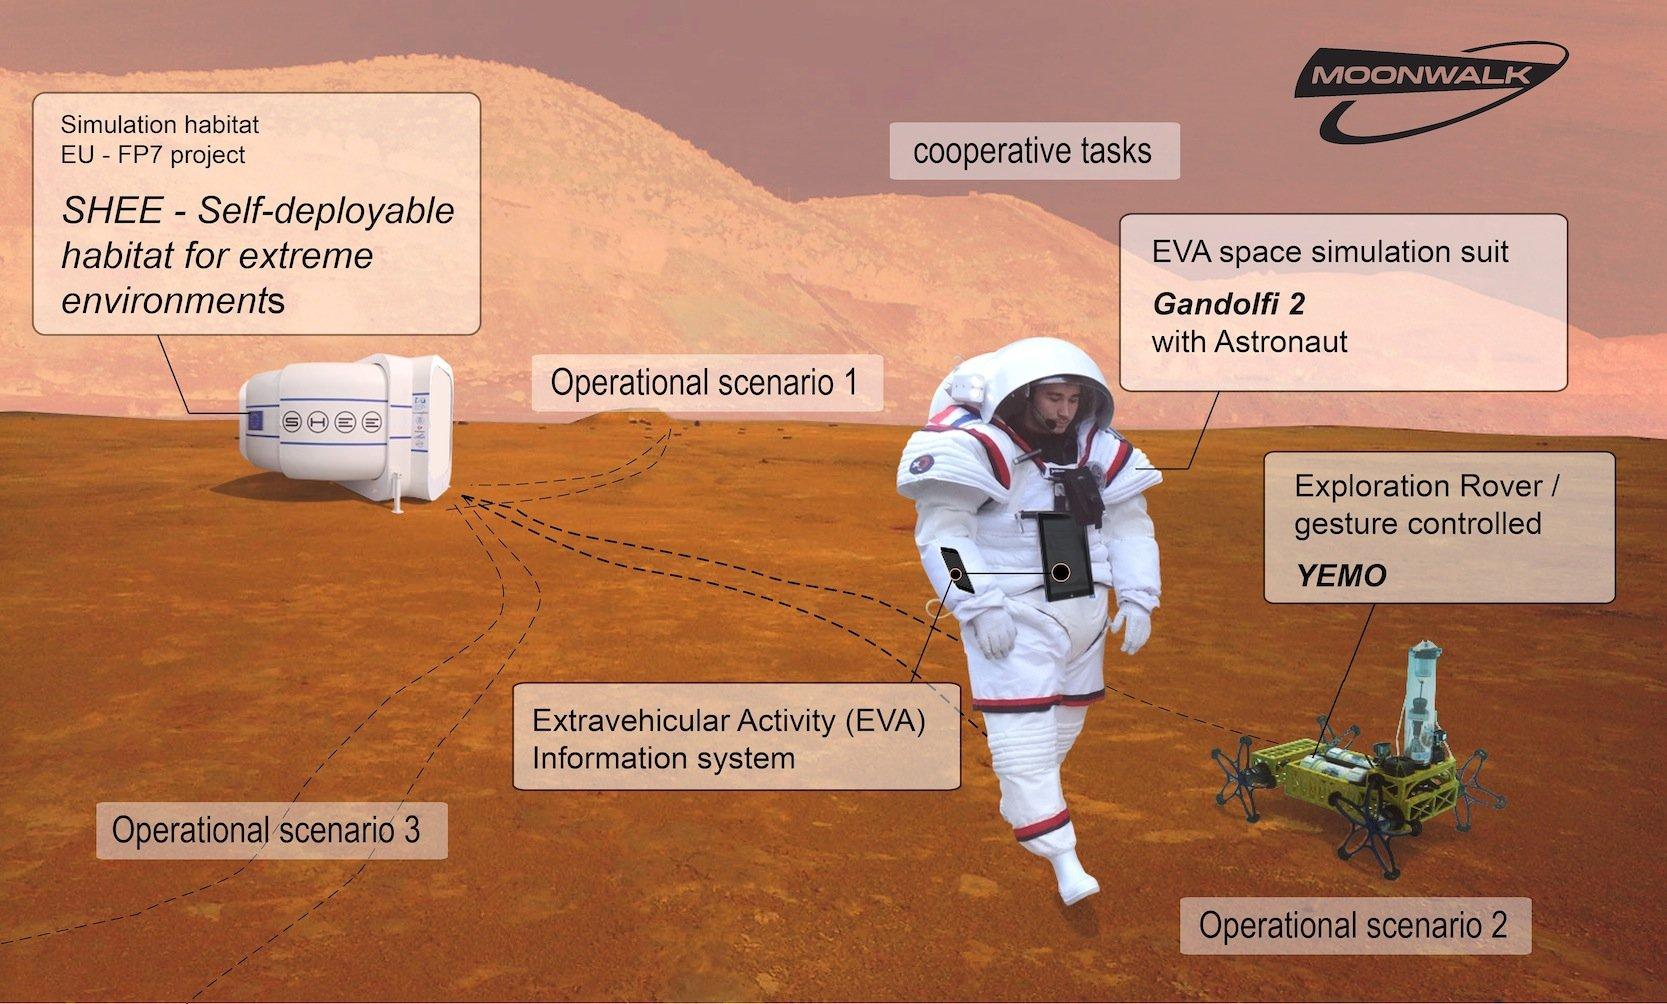 Bis Ende April testen Wissenschaftler die Zusammenarbeit von Astronaut und Roboter in einem ehemaligen Übertagebergbaugebiet im spanischen Río Tinto. Dabei muss der Roboter Yemo auch inpotenziell gefährliches Terrain vordringen, zum Beispiel in Höhlen.